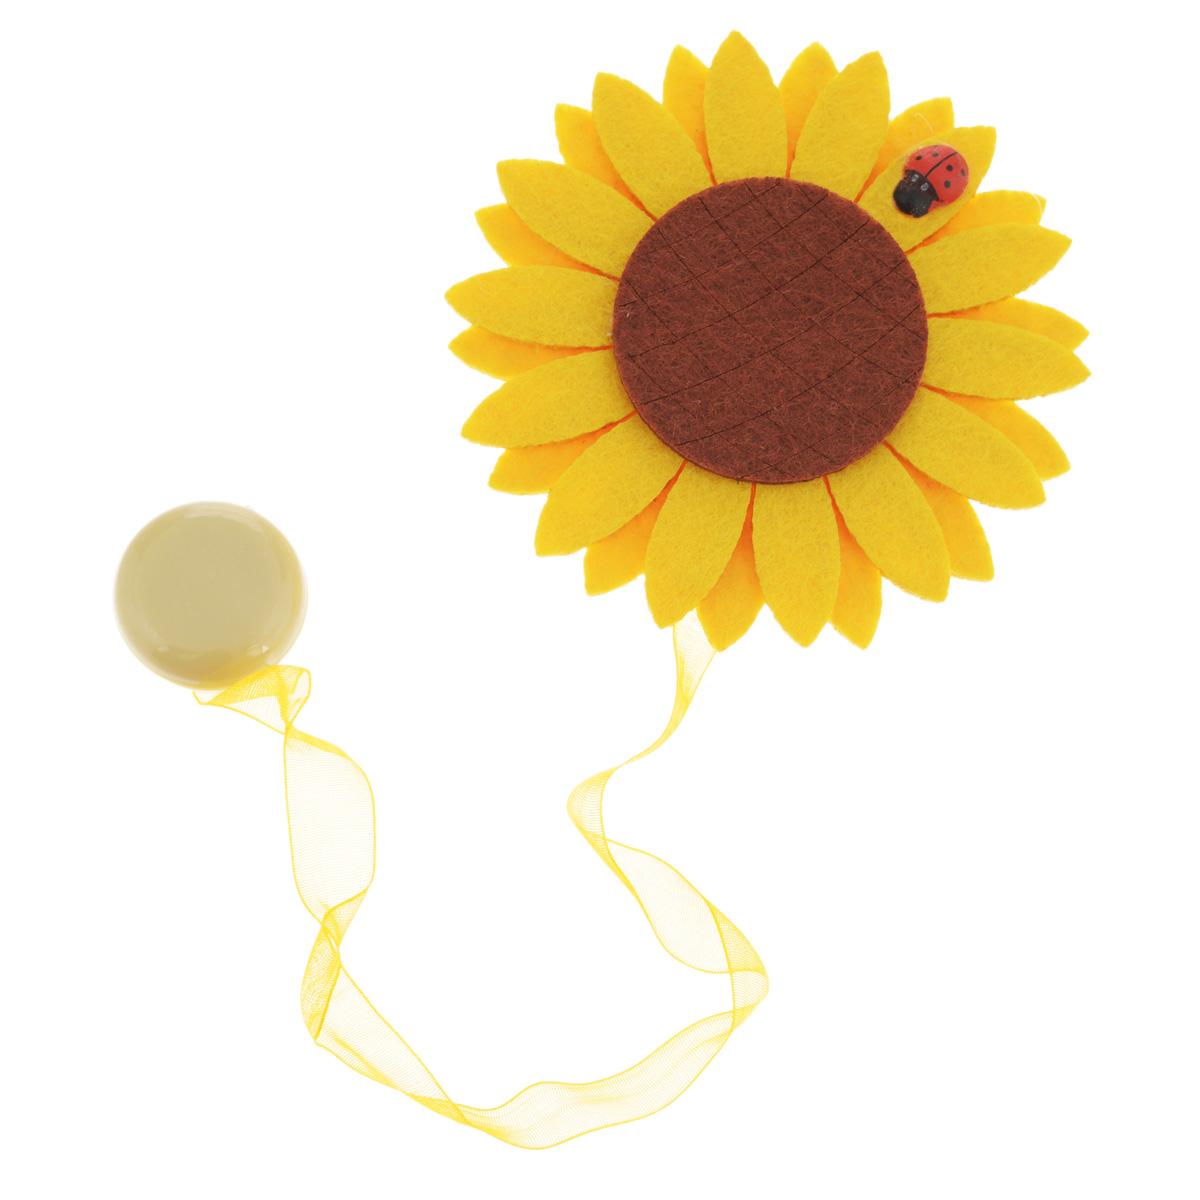 Клипса-магнит для штор Calamita Fiore, цвет: желтый, коричневый. 7704012_5177704012_517желтый, коричневыйКлипса-магнит Calamita Fiore, изготовленная из пластика и текстиля, предназначена для придания формы шторам. Изделие представляет собой два магнита, расположенные на разных концах текстильной ленты. Один из магнитов оформлен декоративным цветком. С помощью такой магнитной клипсы можно зафиксировать портьеры, придать им требуемое положение, сделать складки симметричными или приблизить портьеры, скрепить их. Клипсы для штор являются универсальным изделием, которое превосходно подойдет как для штор в детской комнате, так и для штор в гостиной. Следует отметить, что клипсы для штор выполняют не только практическую функцию, но также являются одной из основных деталей декора этого изделия, которая придает шторам восхитительный, стильный внешний вид. Материал: пластик, полиэстер, магнит. Диаметр декоративного цветка: 9 см. Диаметр магнита: 2,5 см. Длина ленты: 28 см.